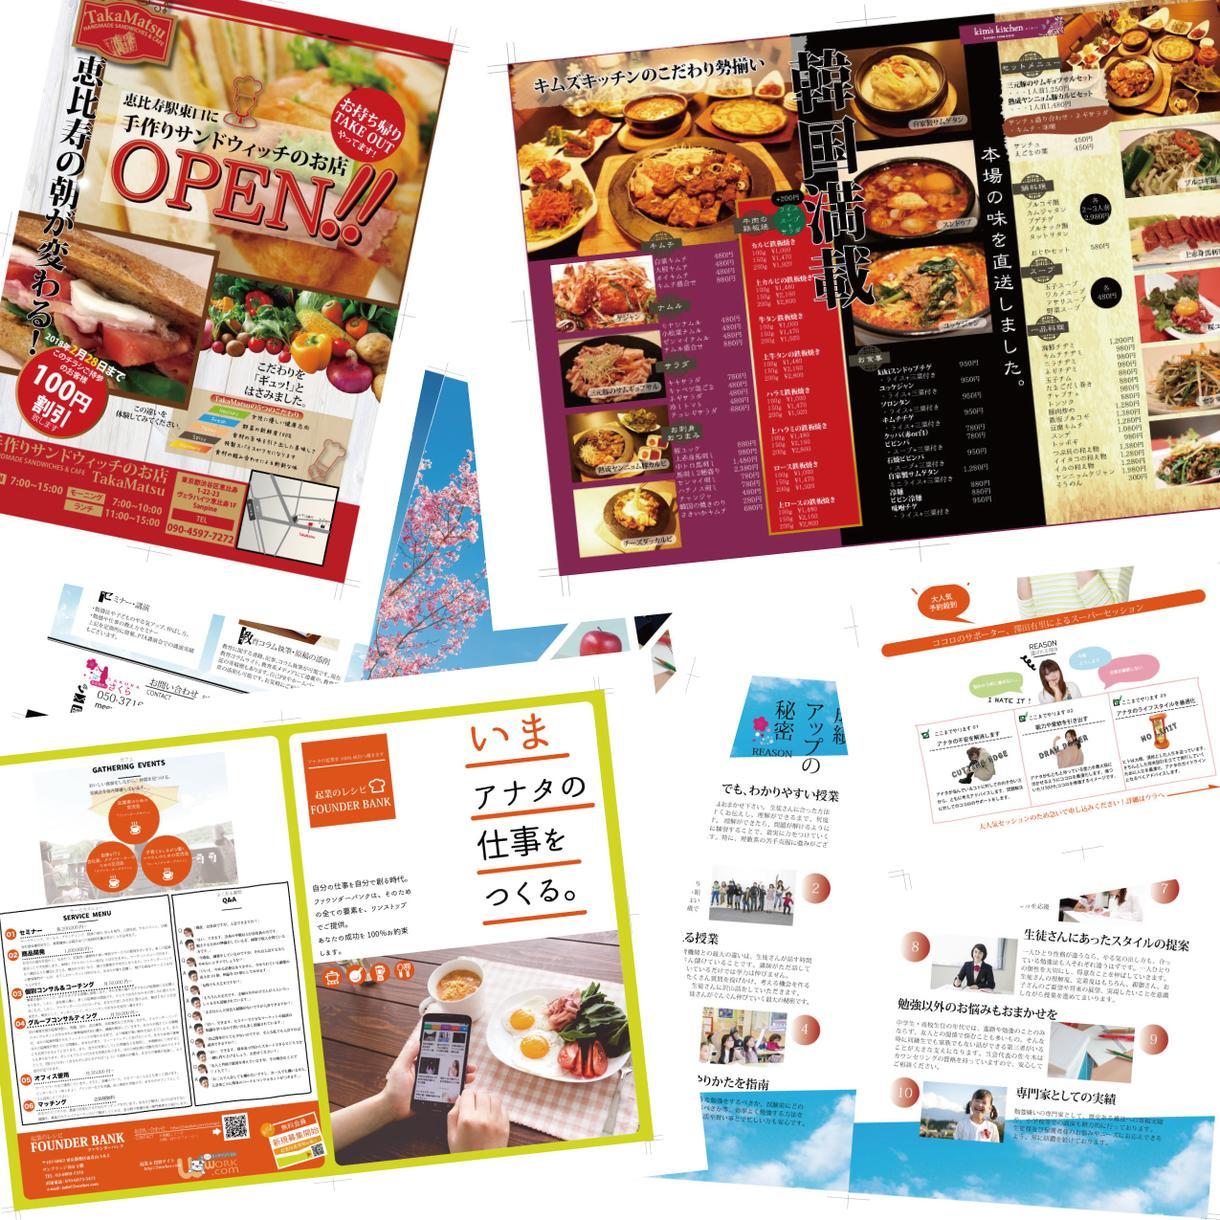 日本一の店長がカタログ、パンフレットデザインします 【中小・個人事業向け】売上UPに必須のお店・会社のパンフ制作